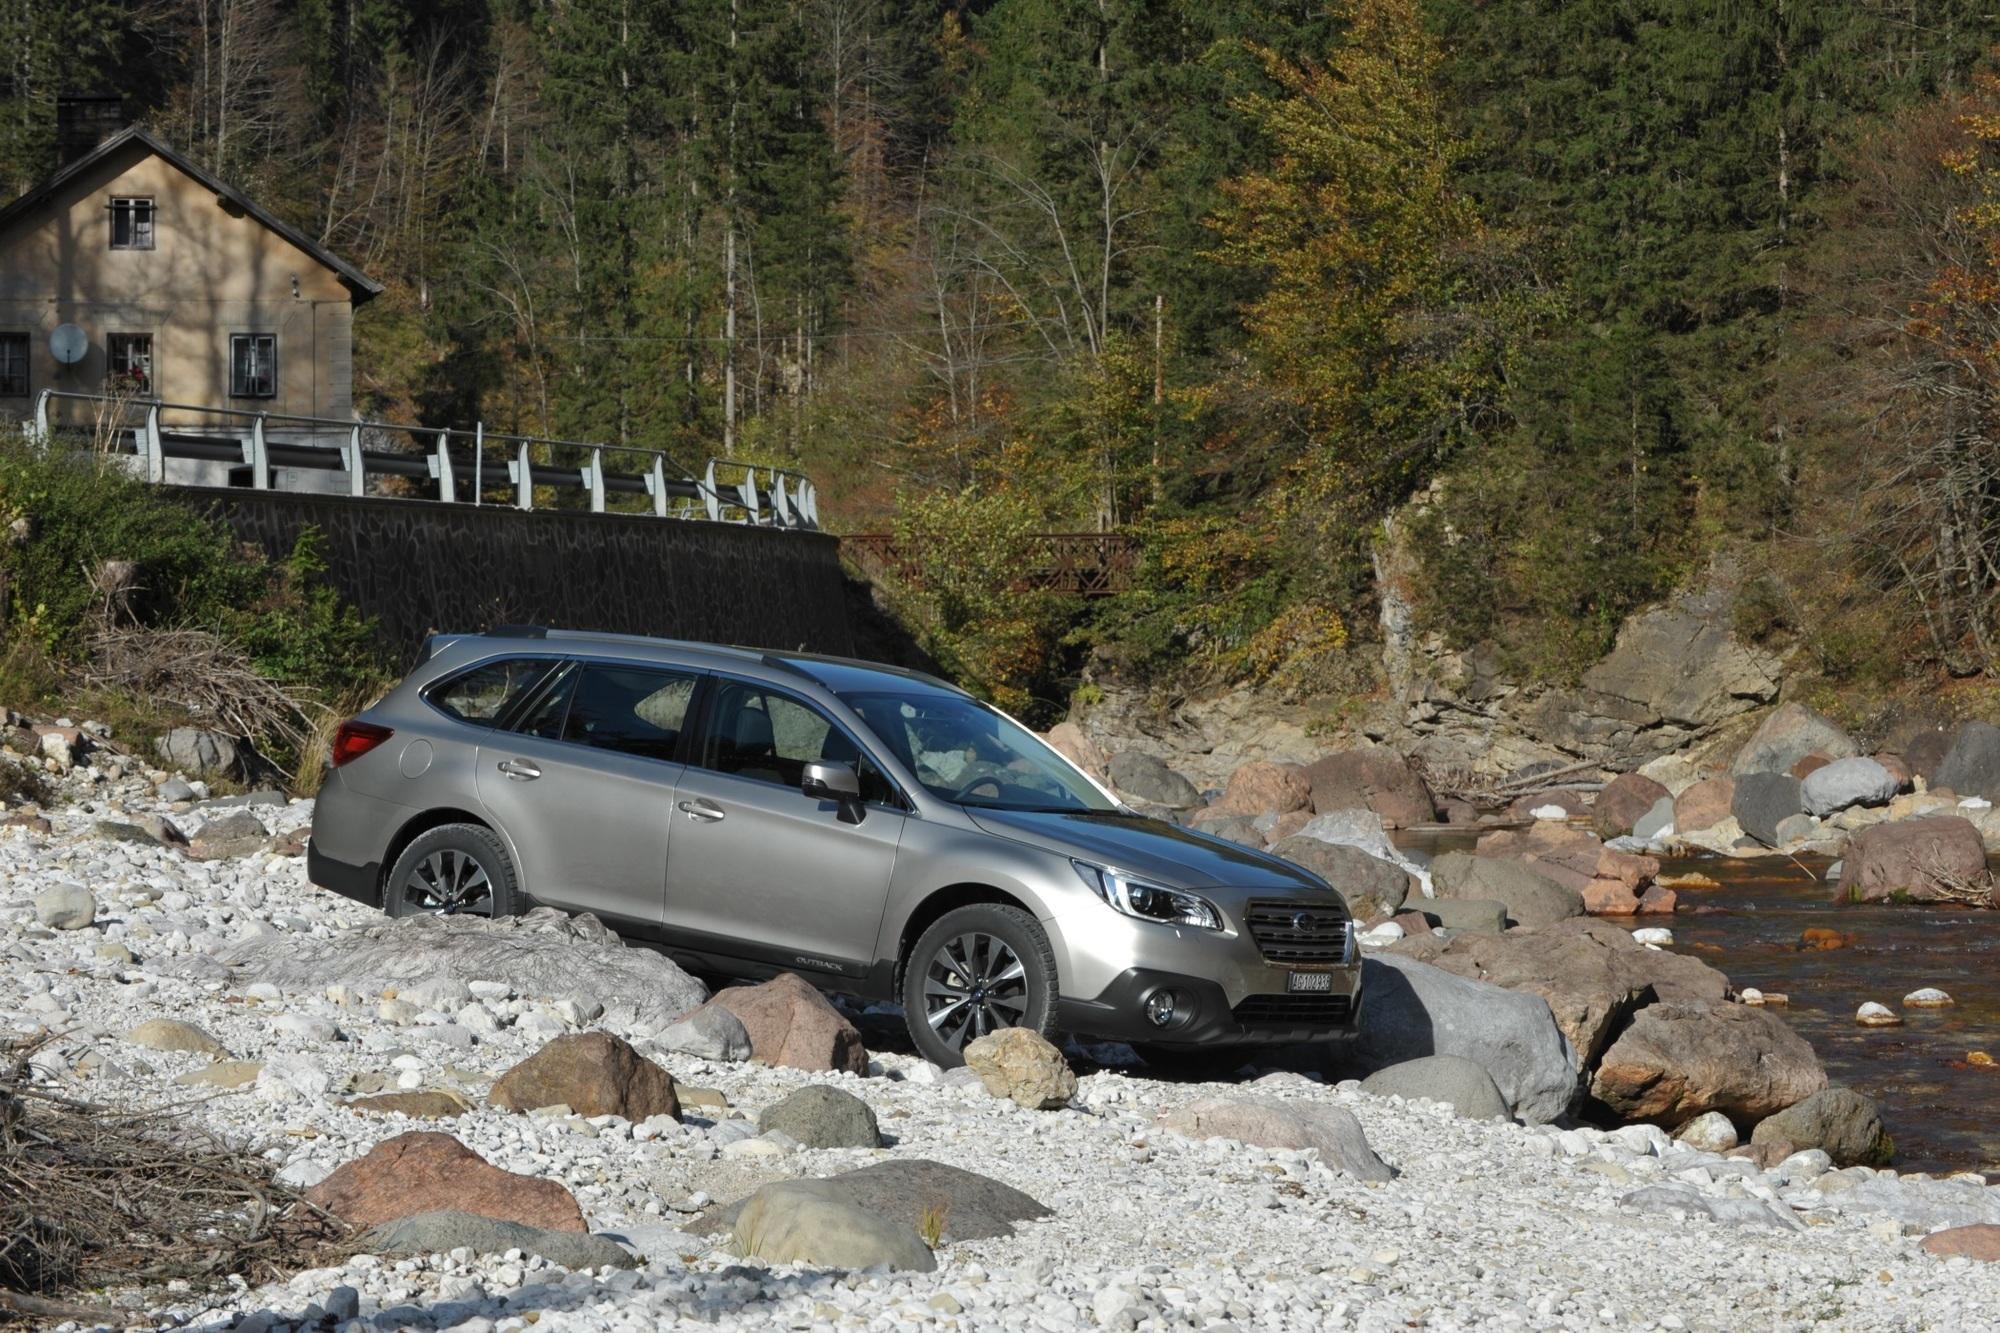 Fahrbericht: Subaru Outback - Sicherheit statt Sportlichkeit